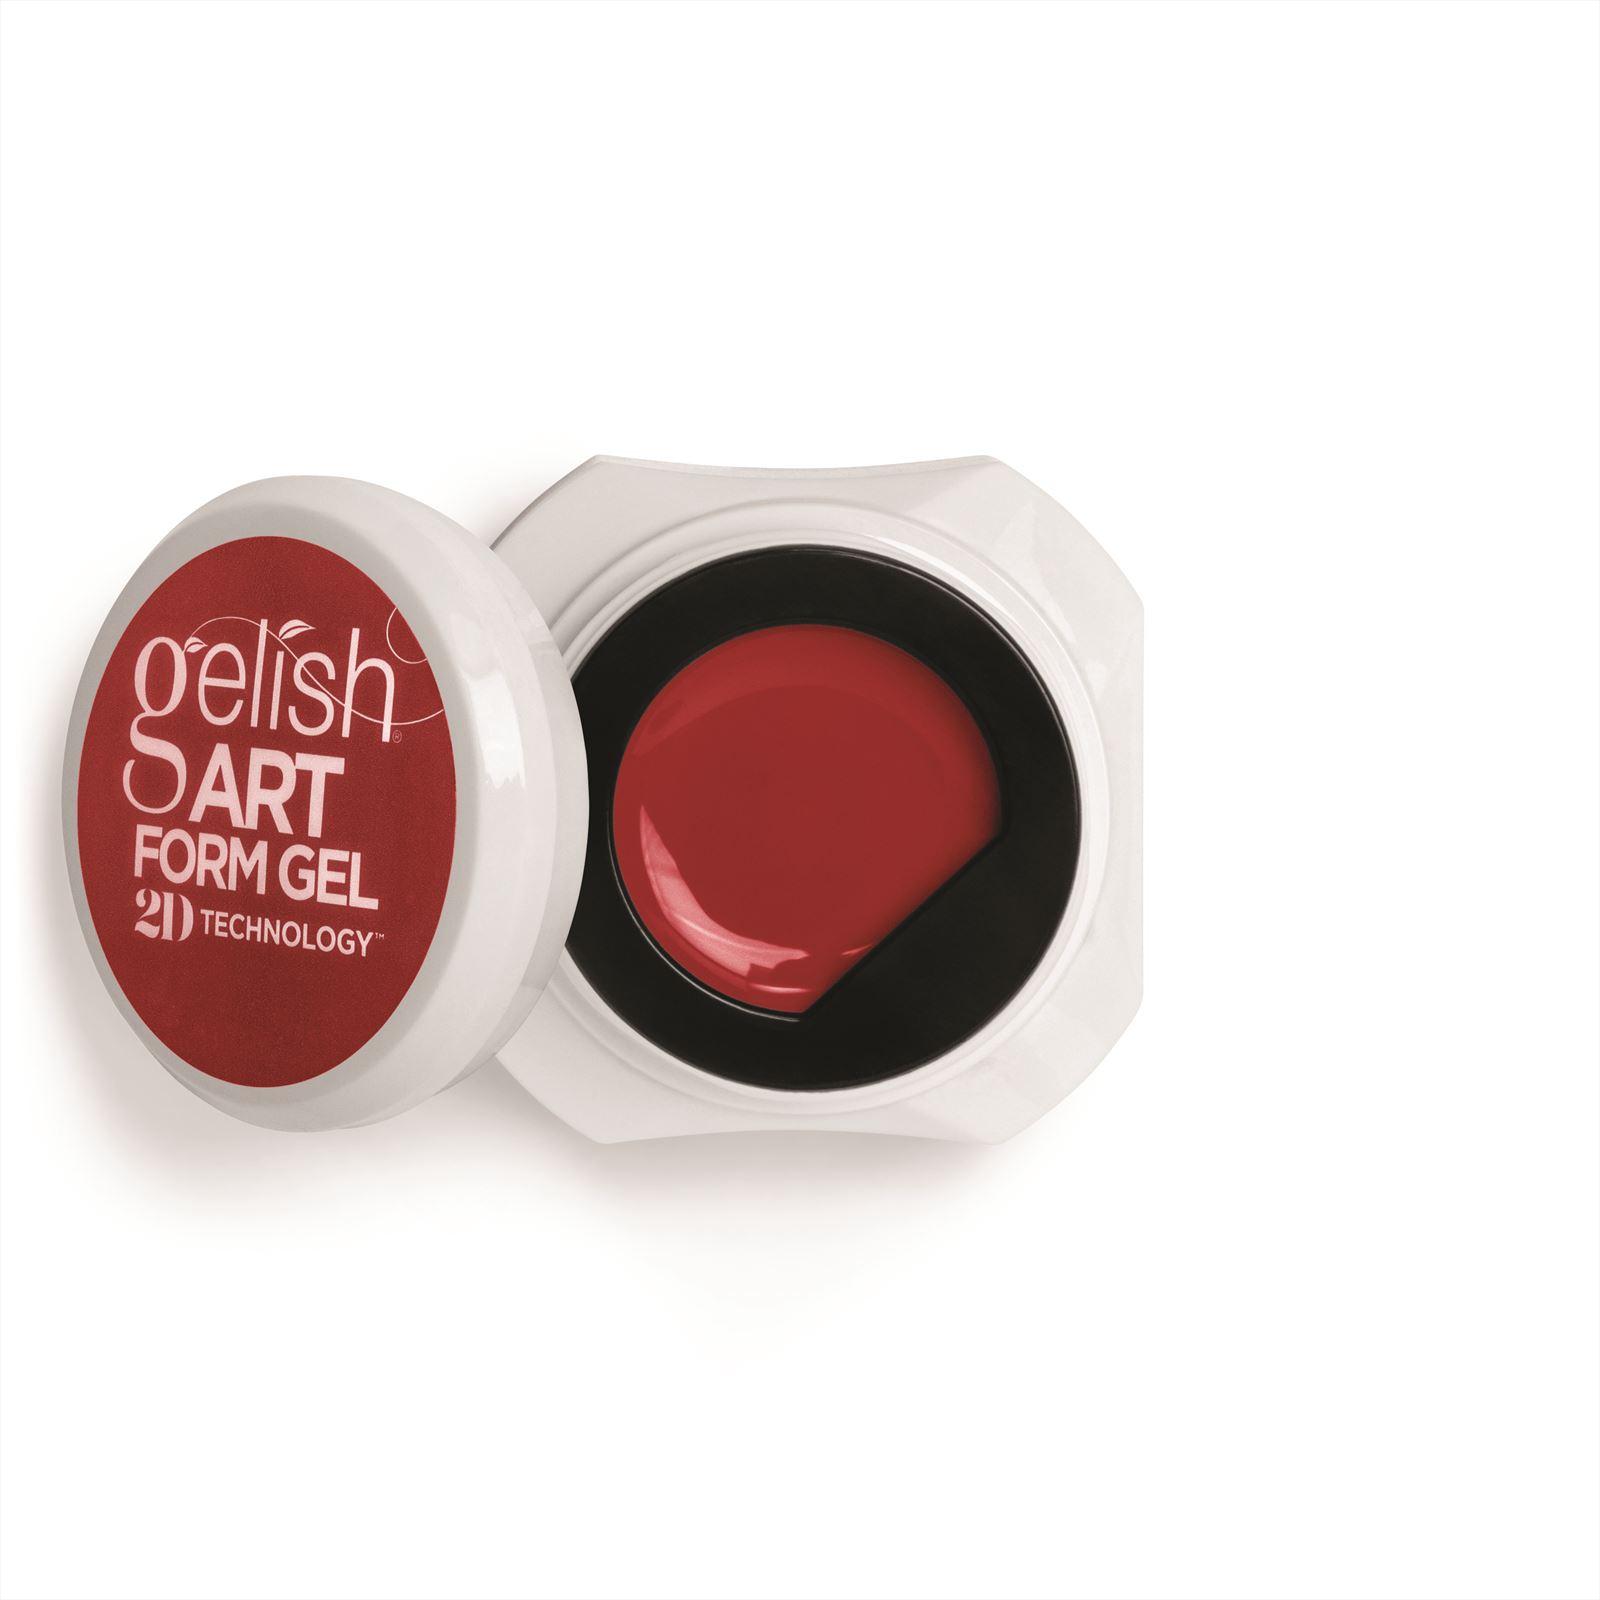 Afbeelding van Gelish 2D Artformgel Essential Red